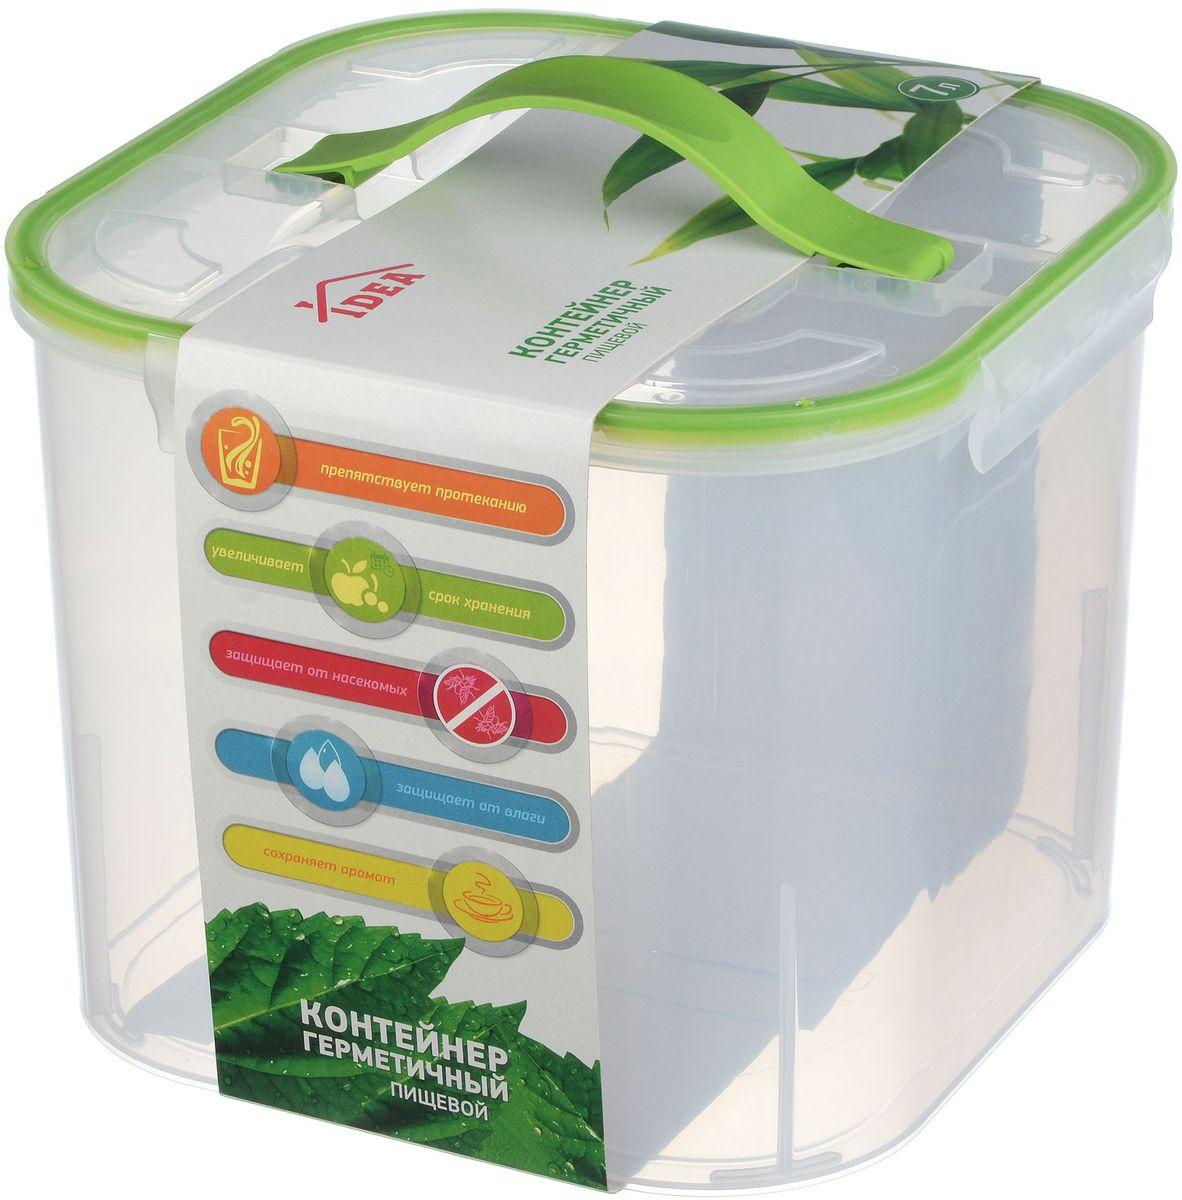 """Контейнер для хранения """"Idea"""" выполнен из высококачественного пластика. Контейнер снабжен двумя пластиковыми фиксаторами по бокам, придающими дополнительную надежность закрывания крышки. Вместительный контейнер позволит сохранить различные нужные вещи в порядке, а герметичная крышка предотвратит случайное открывание, защитит содержимое от пыли и грязи. размер: 23 х 23 х 18 см. Объём: 7 л."""